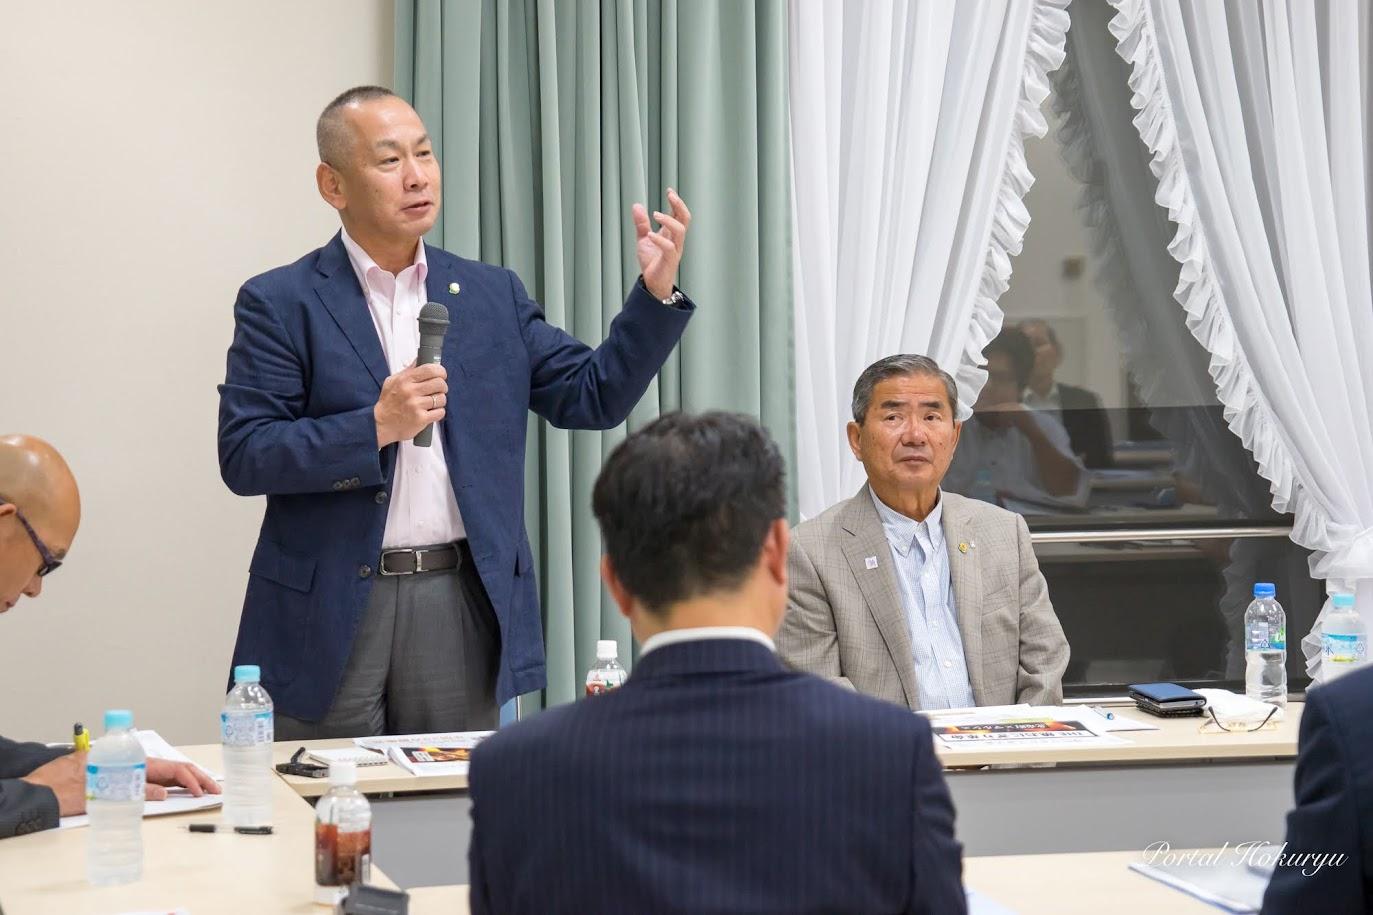 (株)マルシェ・谷垣雅之 取締役会長